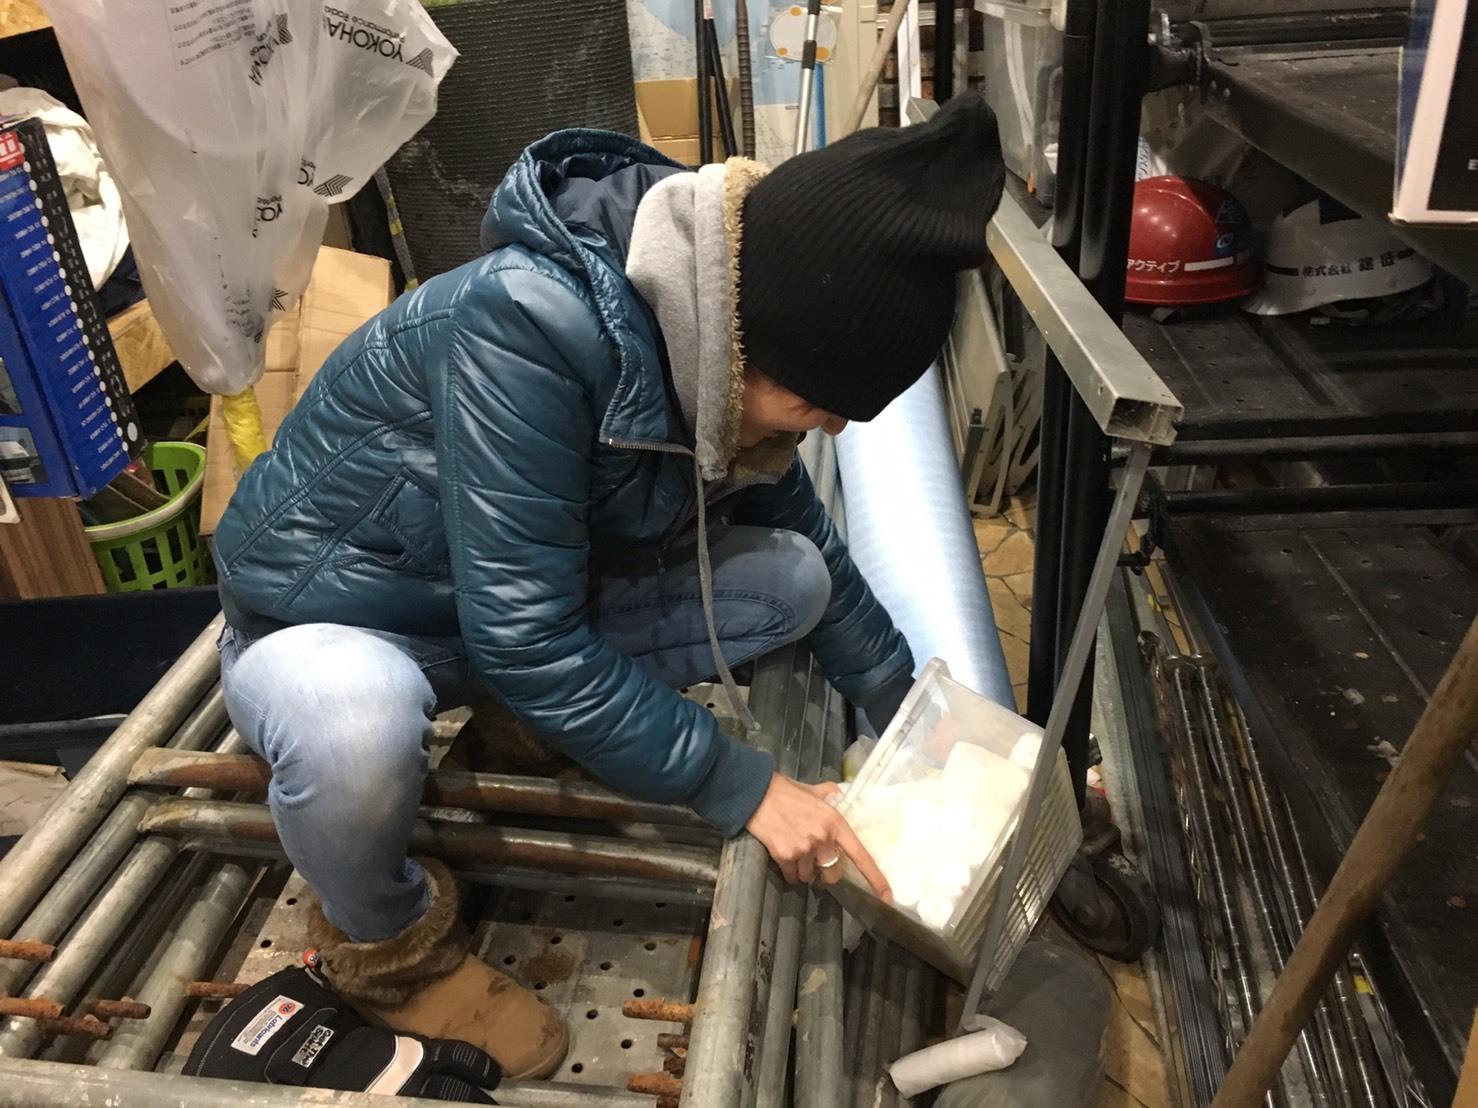 12月6日(水)トミーベース カスタムブログ☆カスタムされたハイエース☆_b0127002_11062915.jpg